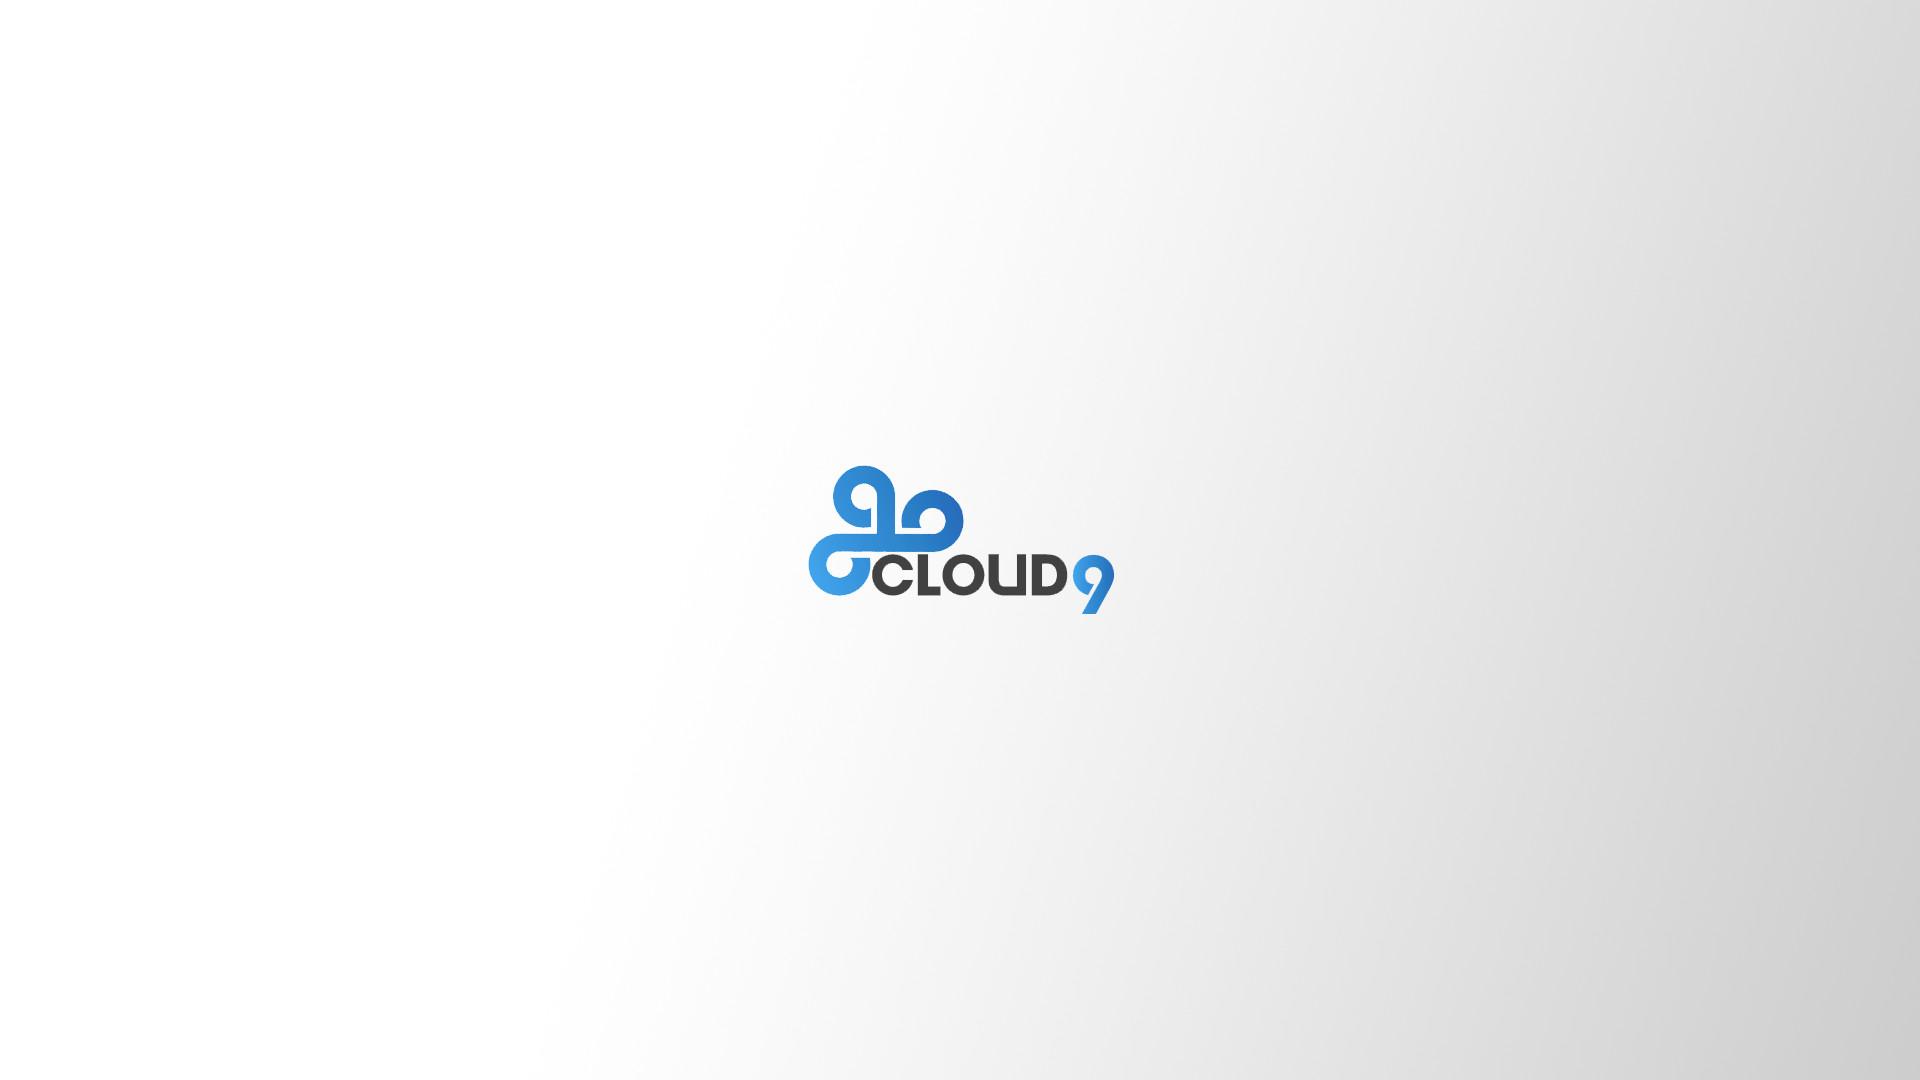 Cloud 9 iPhone Wallpaper – WallpaperSafari